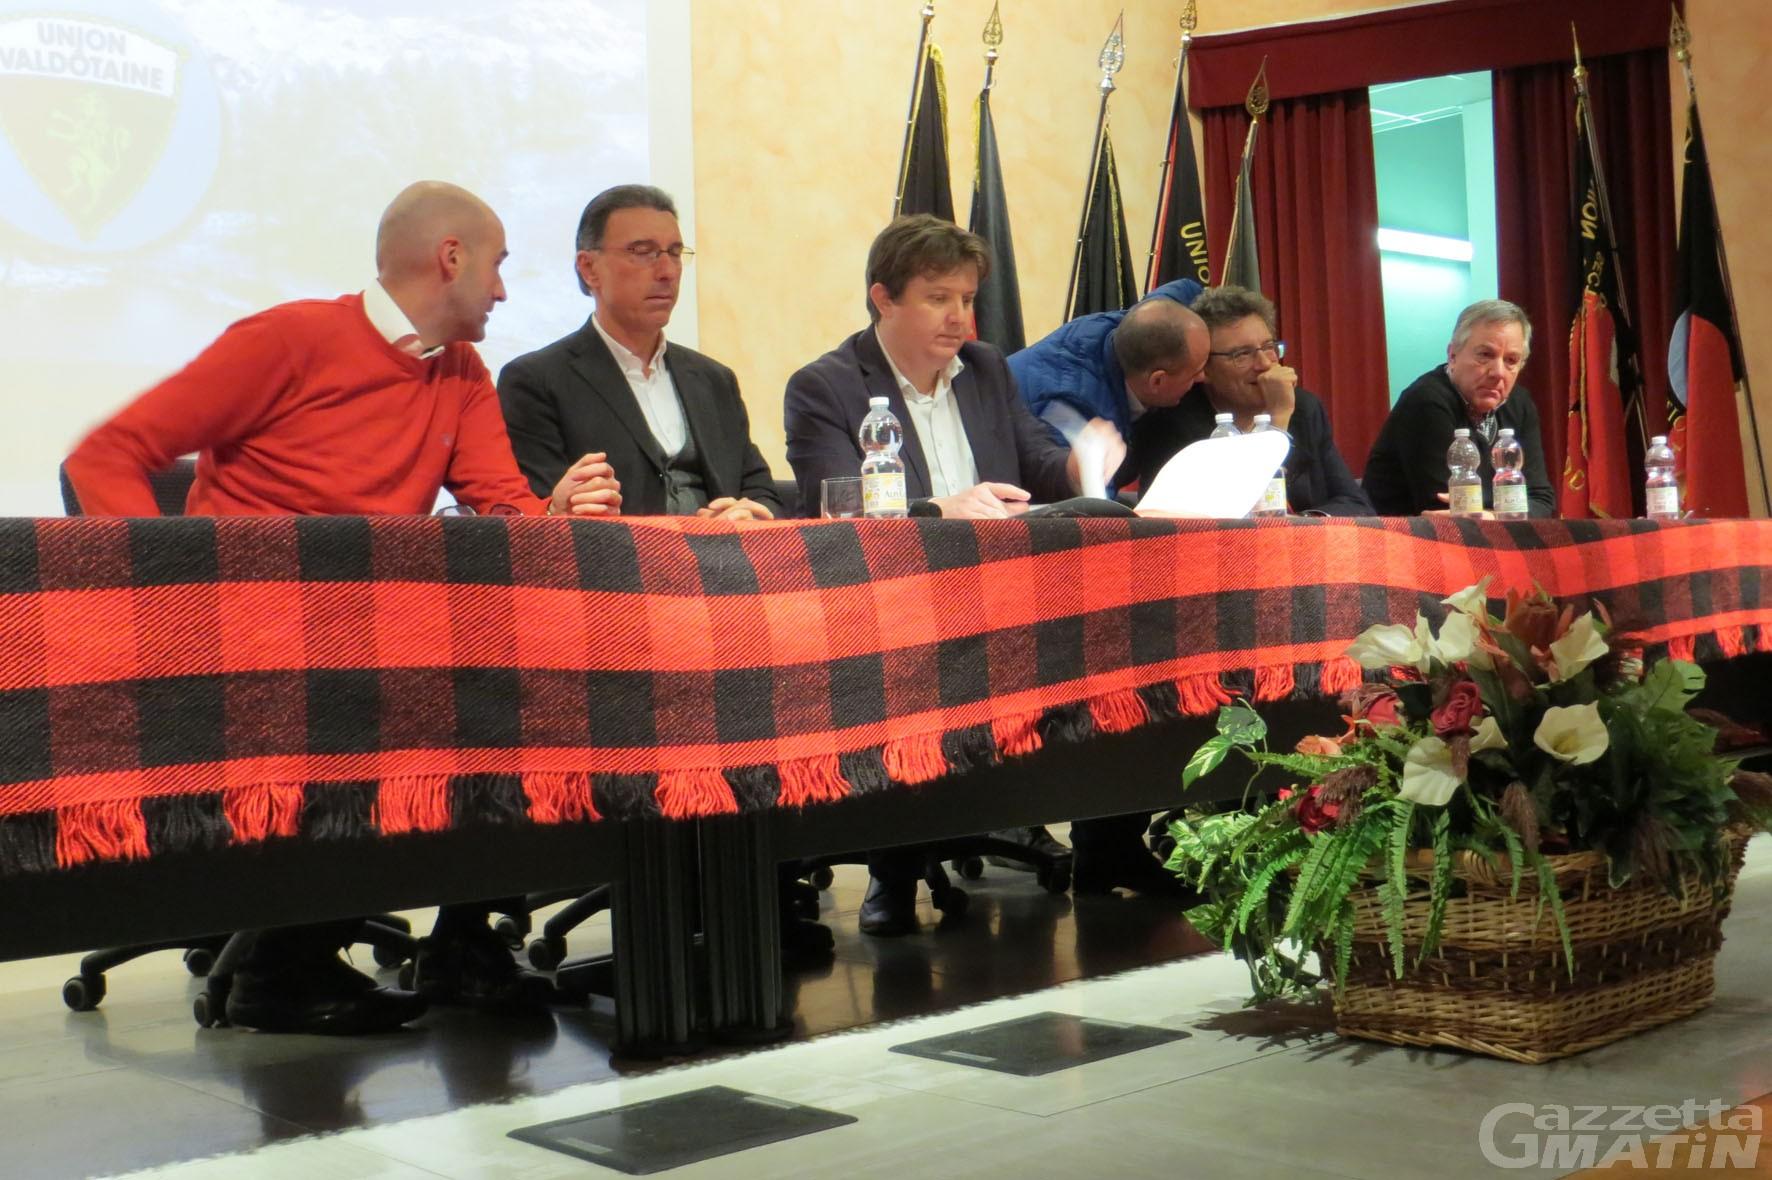 Uv: per le comunali no ad alleanze con forze populiste e nazionaliste